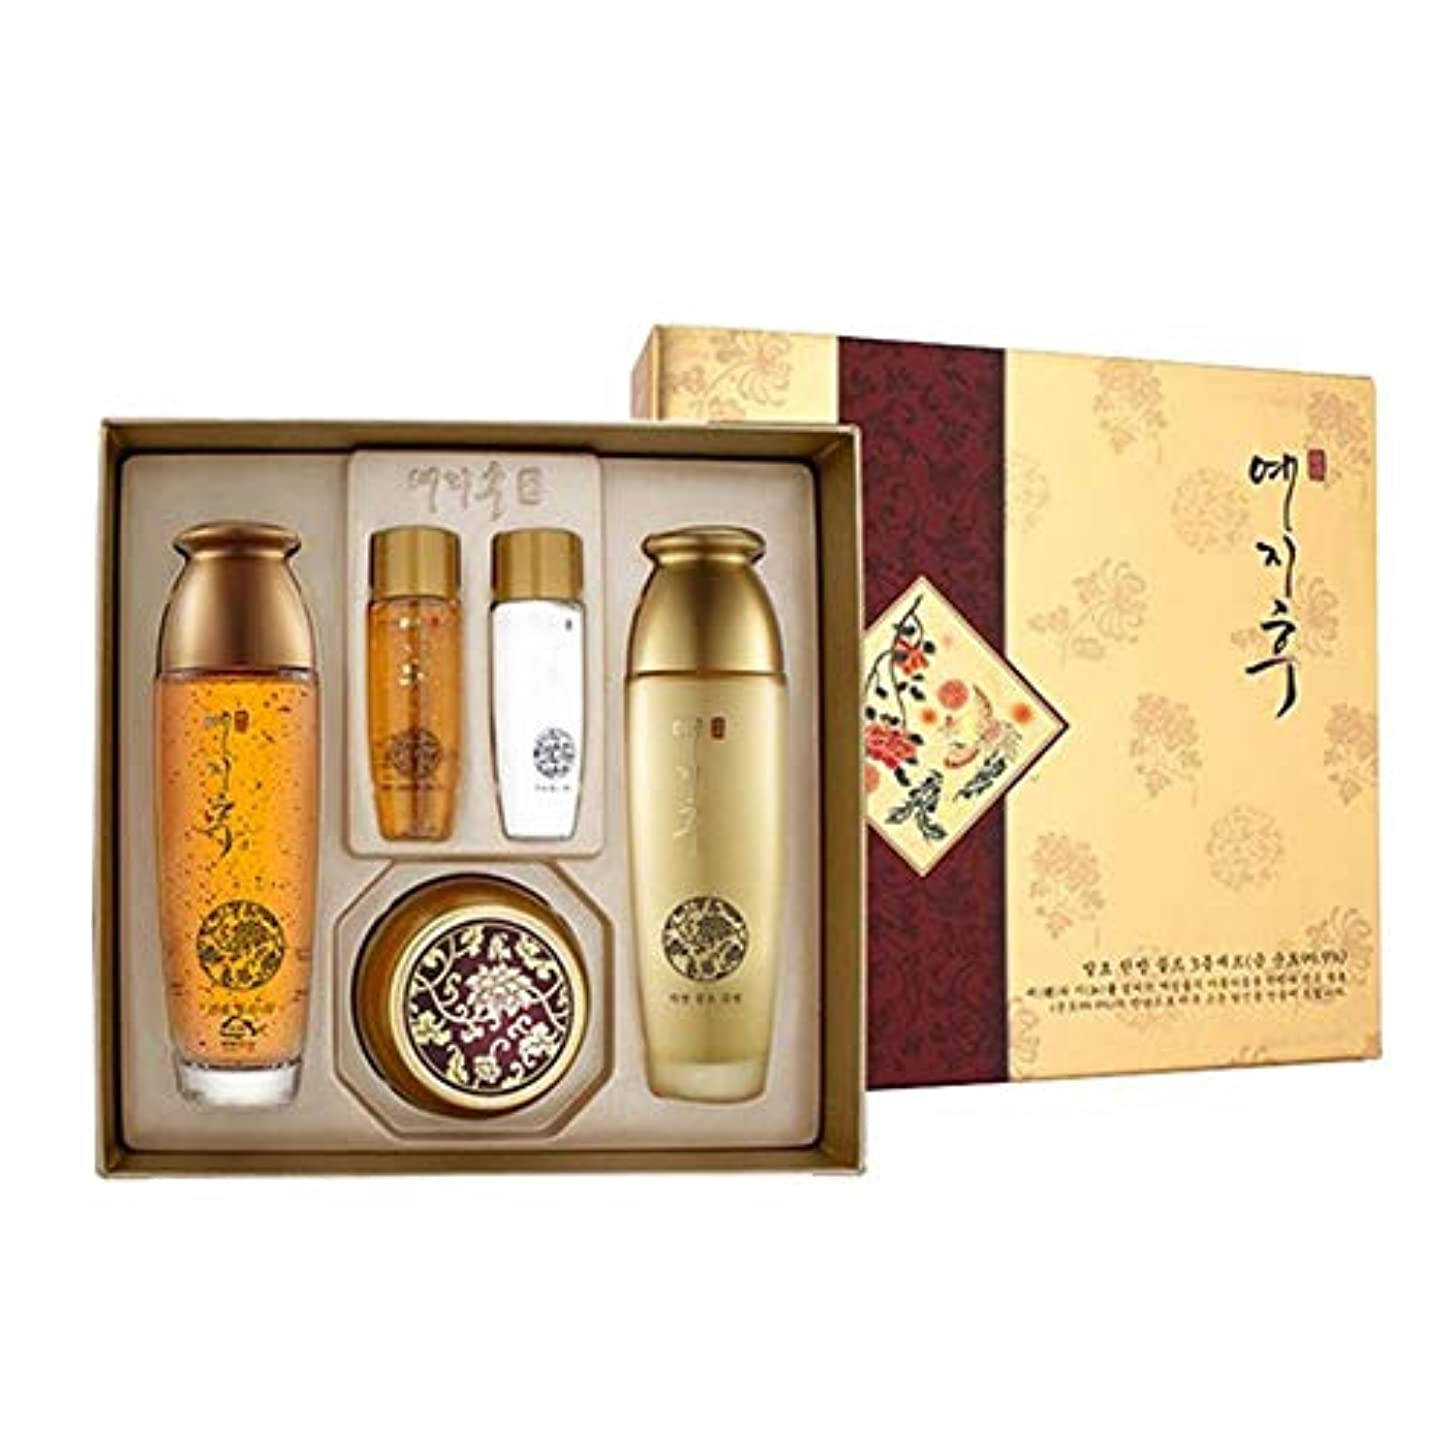 交流するファックス一方、イェジフ漢方ゴールド3種セットゴールド水180ml(150+30) ゴールド乳液180ml(150+30) ゴールド栄養クリーム50ml、Yezihu 3 Sets of Herbal Gold Cosmetics [並行輸入品]